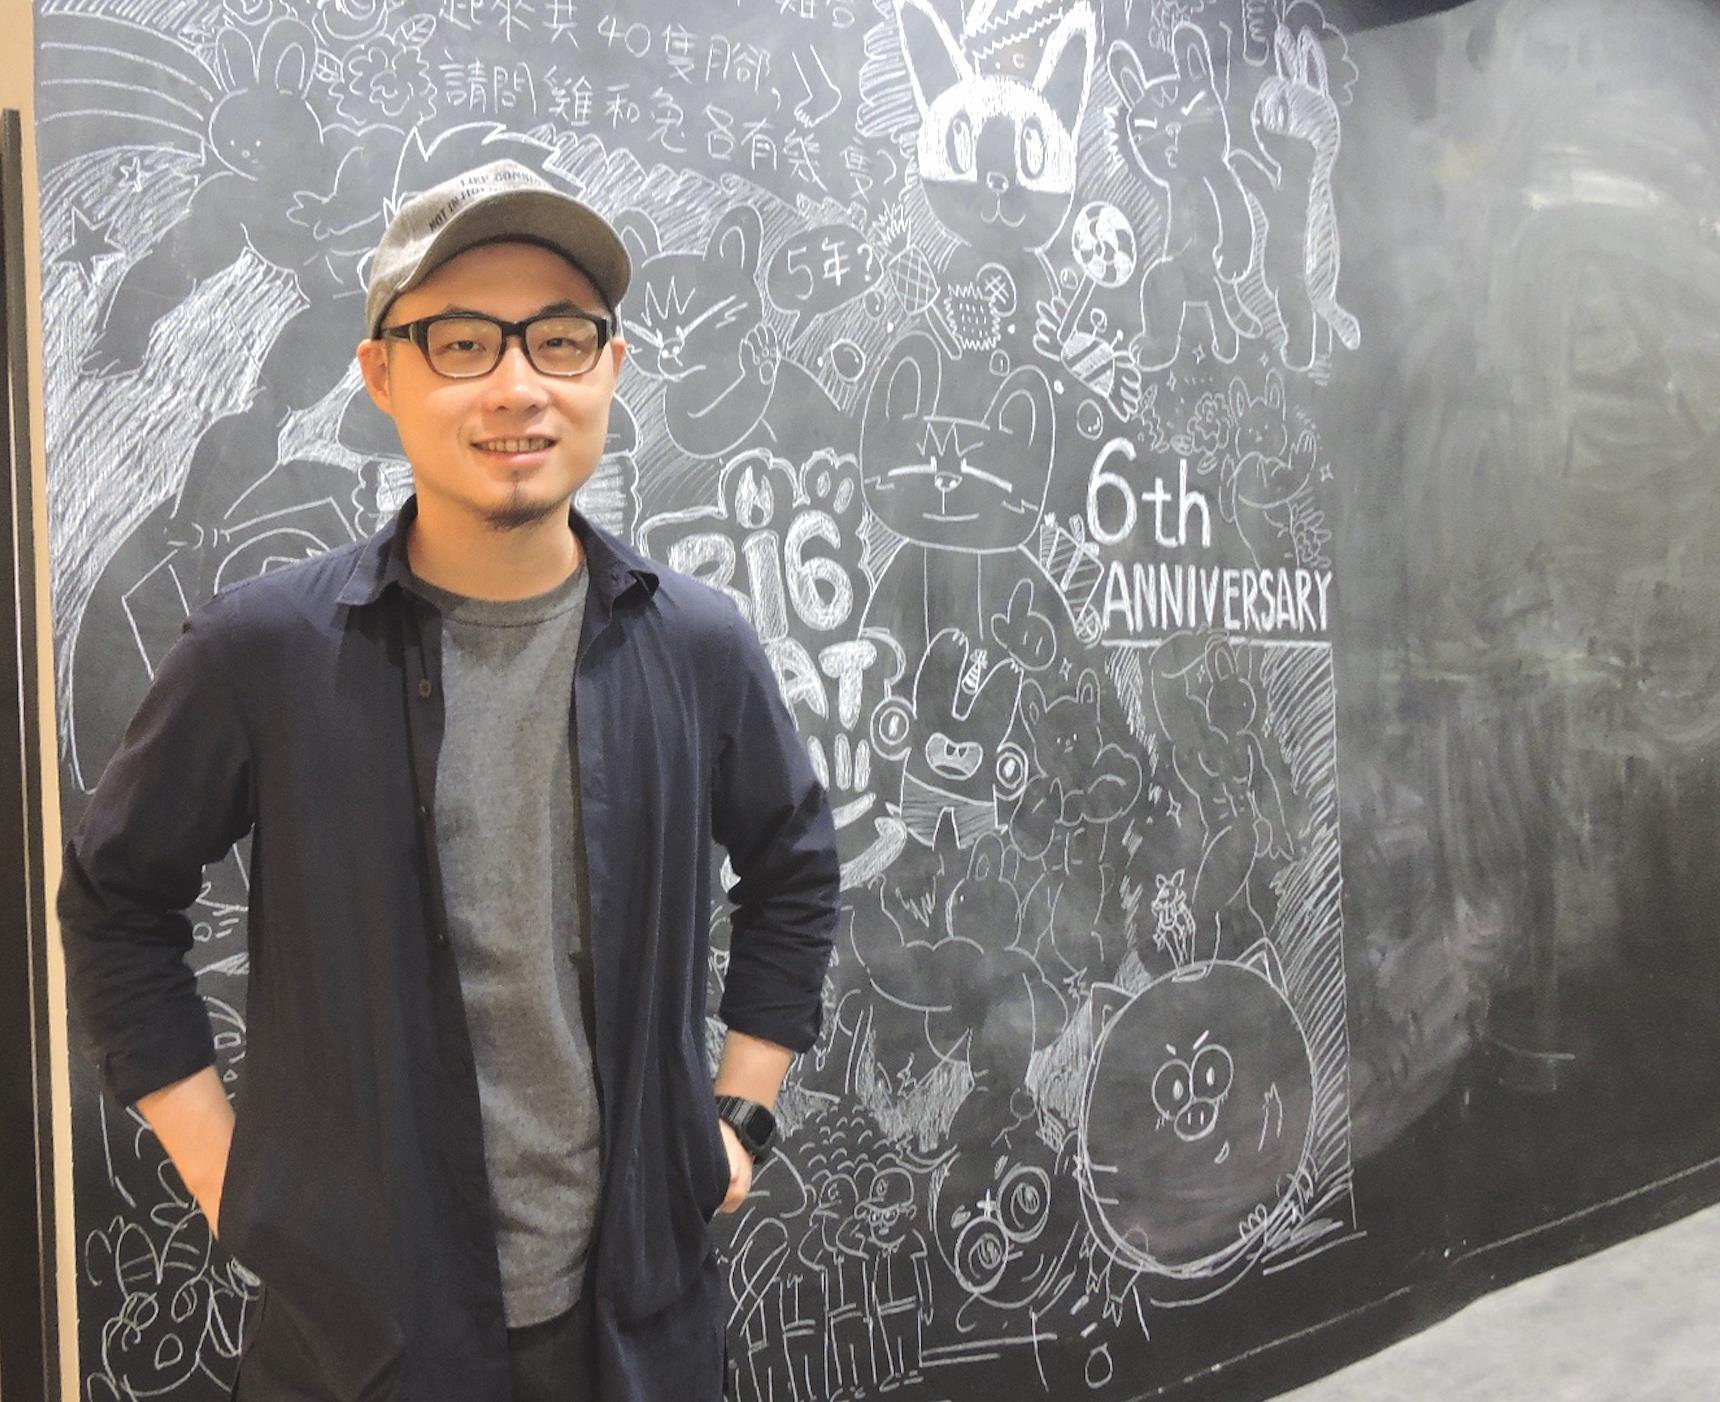 台灣原創動畫新作《德哥與皮皮》獲公視青睞! 「大貓工作室」放眼全球根留台灣